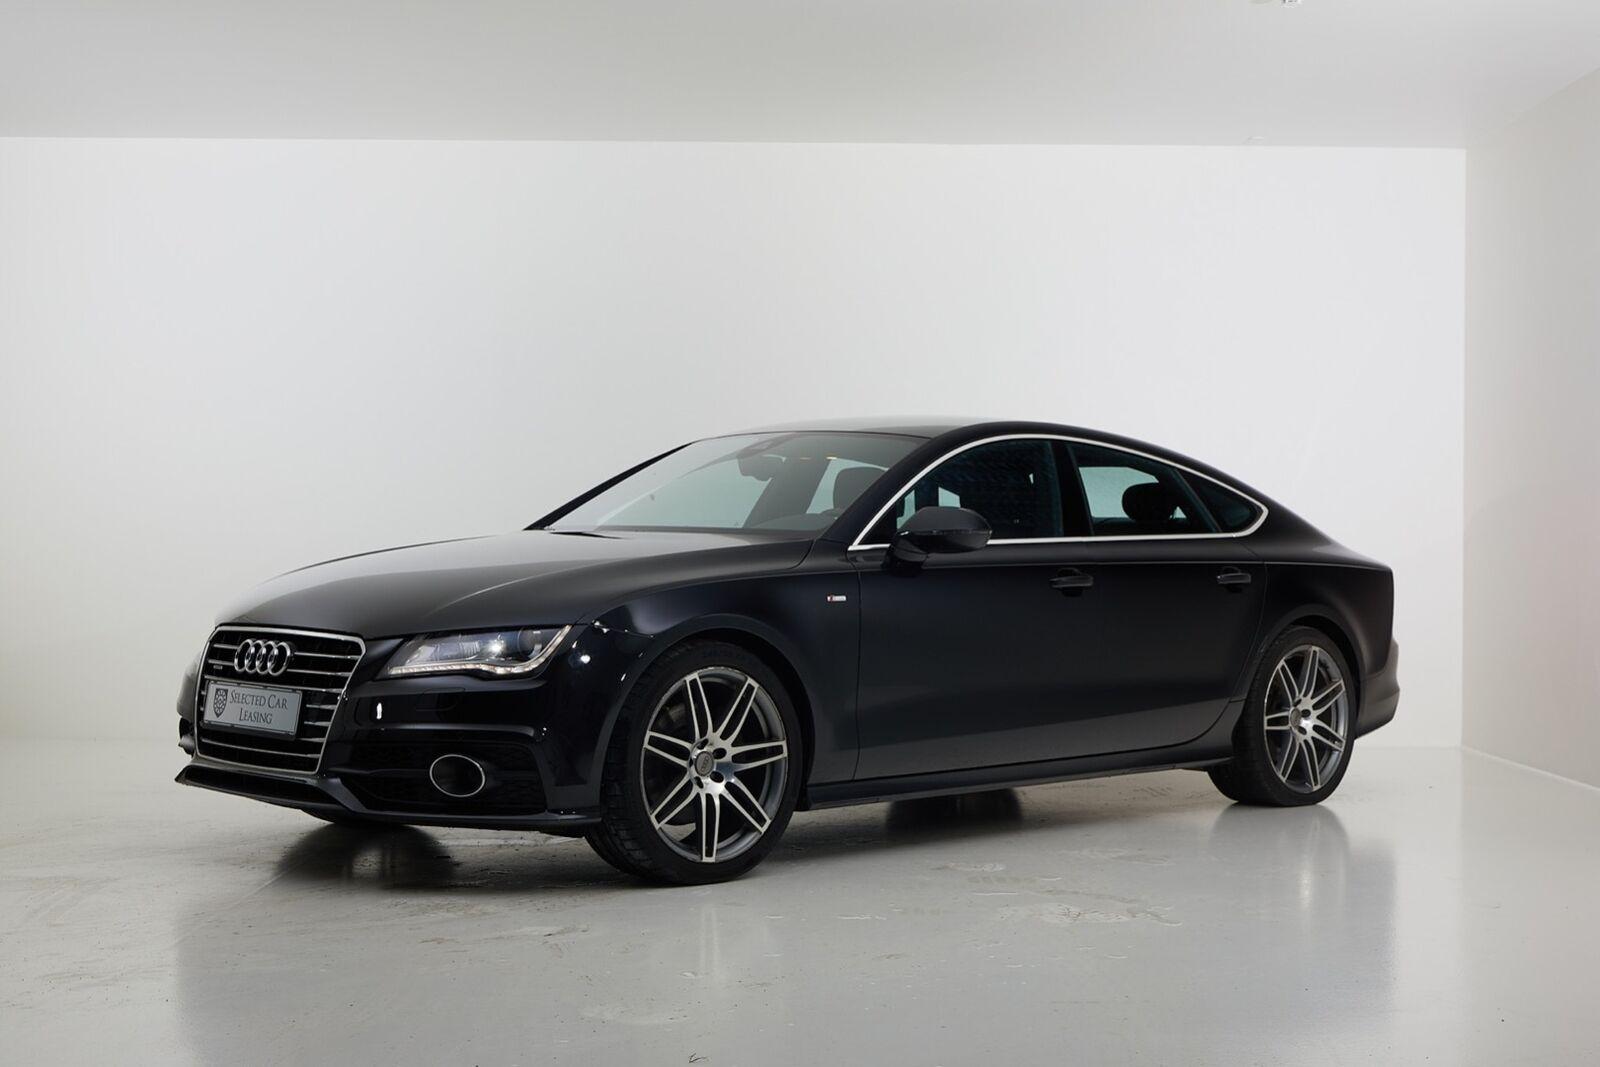 Audi A7 3,0 TDi 245 Sportback quattro S-tr. 5d - 110.000 kr.